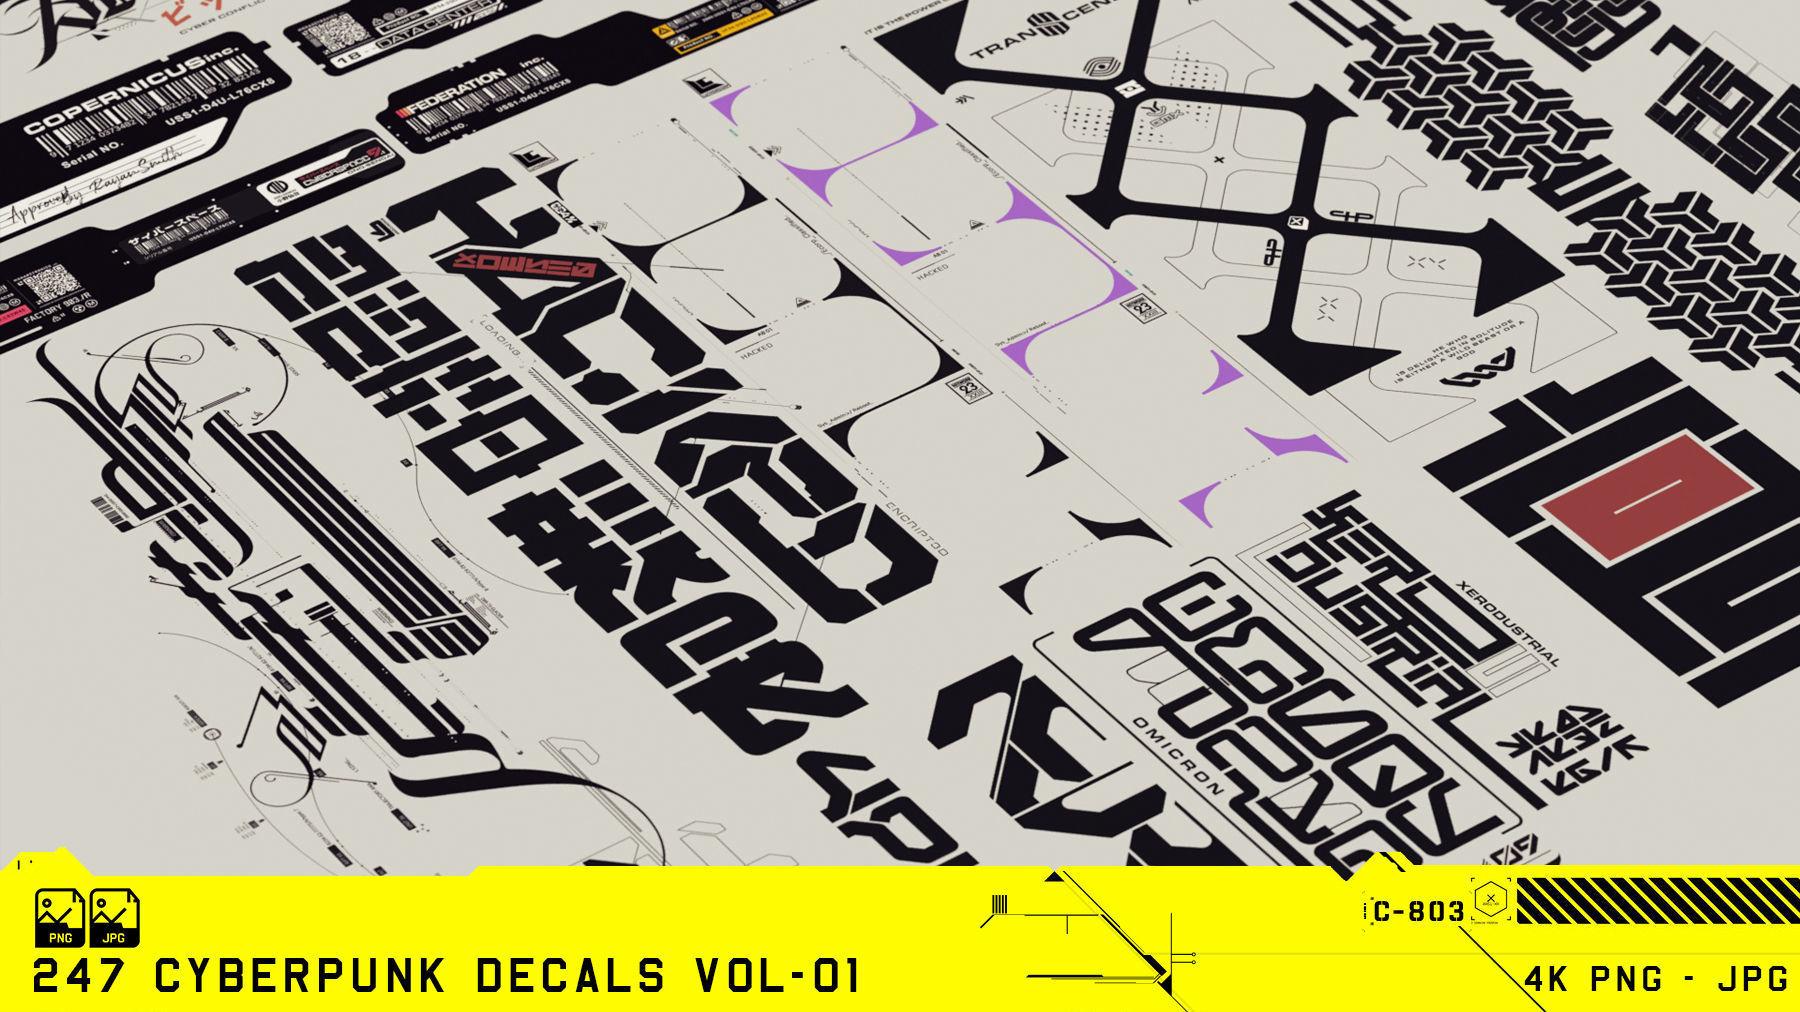 Cyberpunk Decals Vol-01